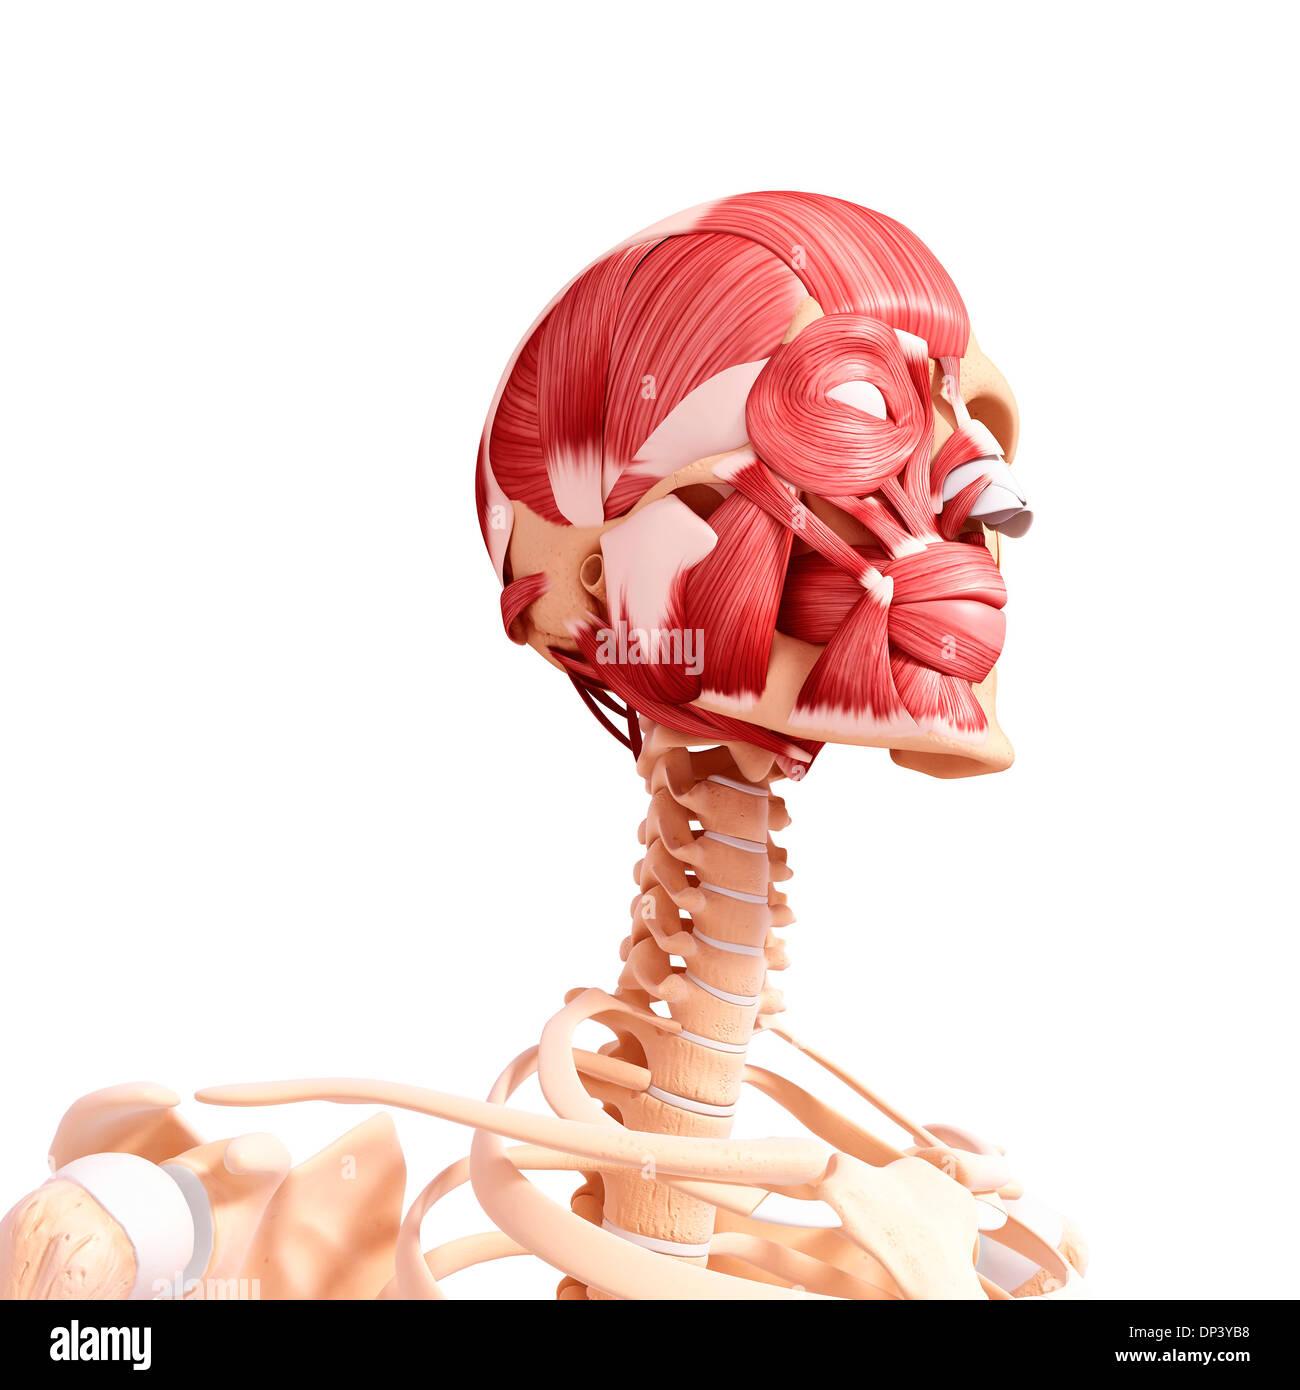 Ziemlich Hals Anatomie Muskeln Zeitgenössisch - Menschliche Anatomie ...